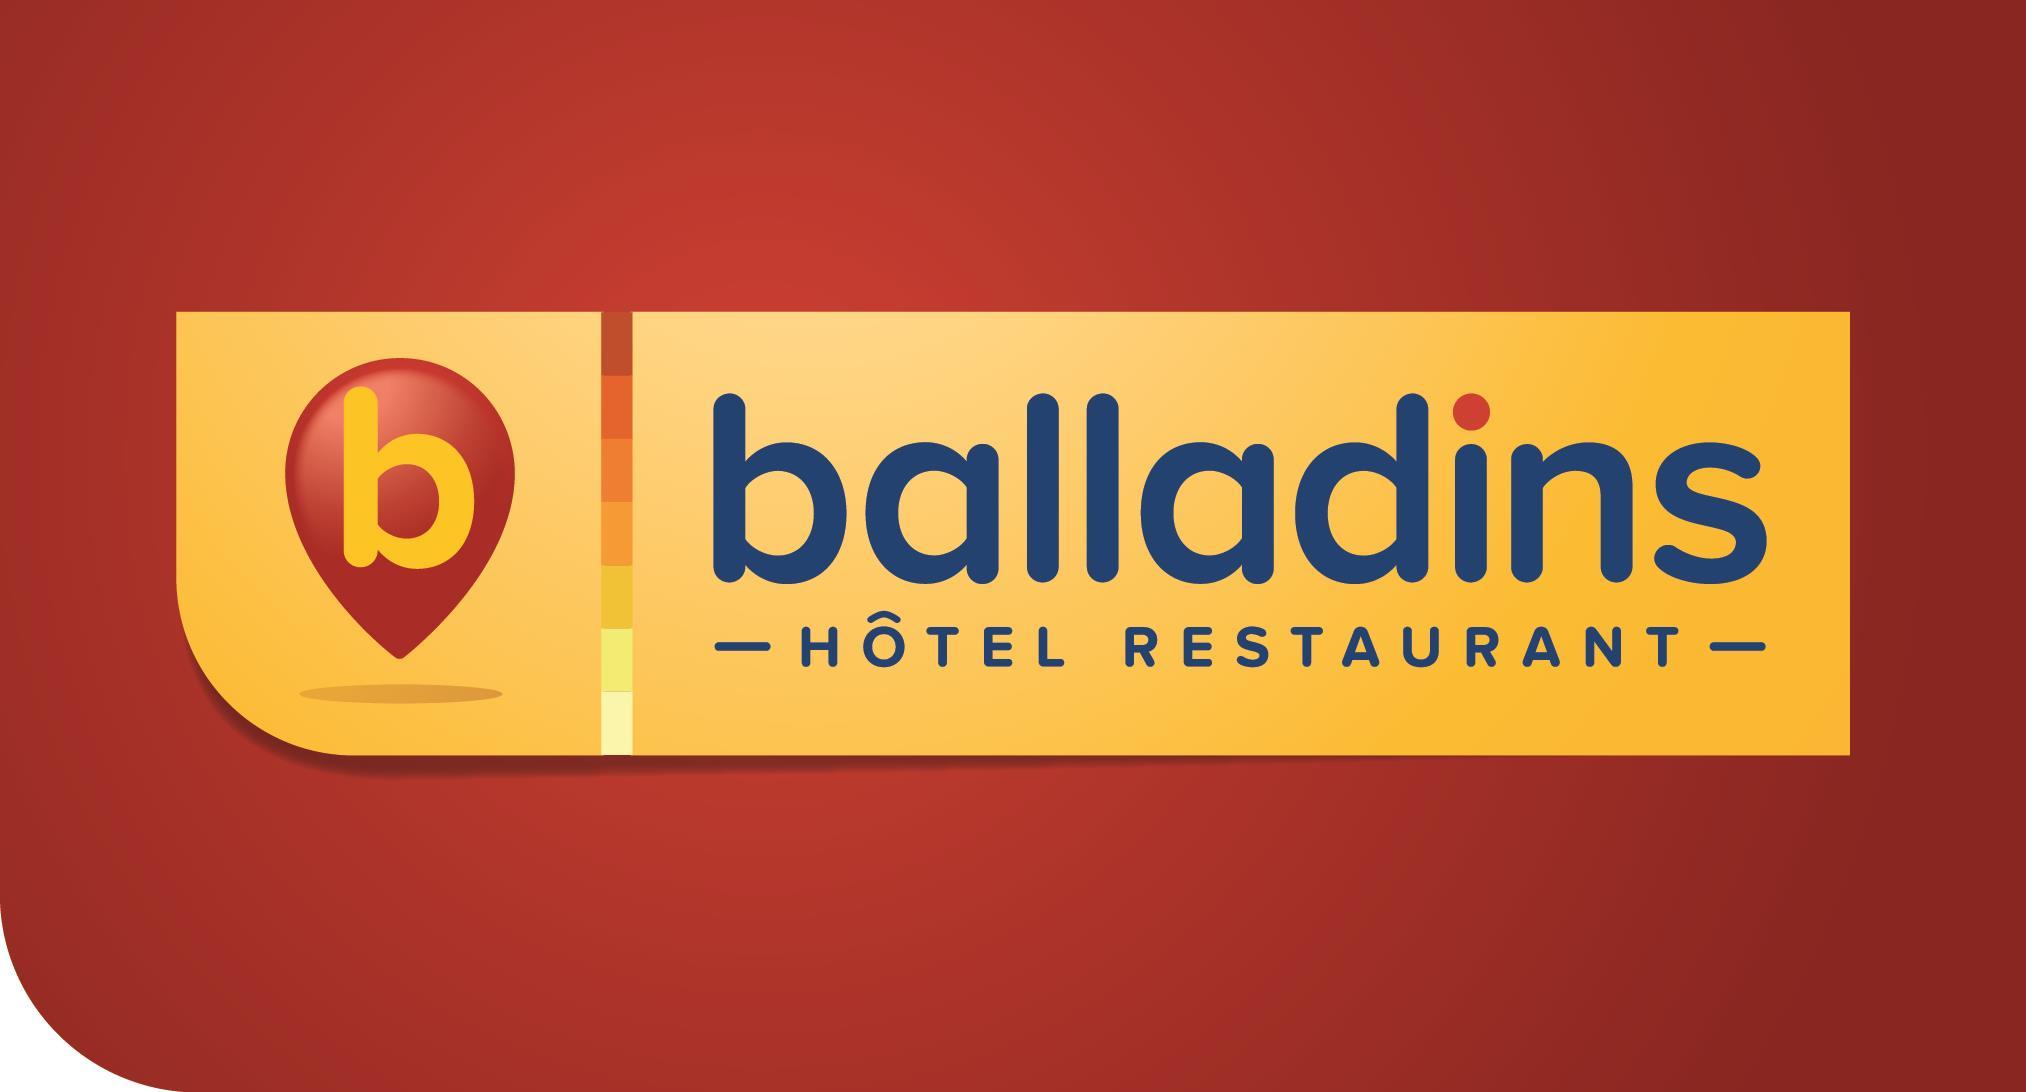 Hotel Balladins